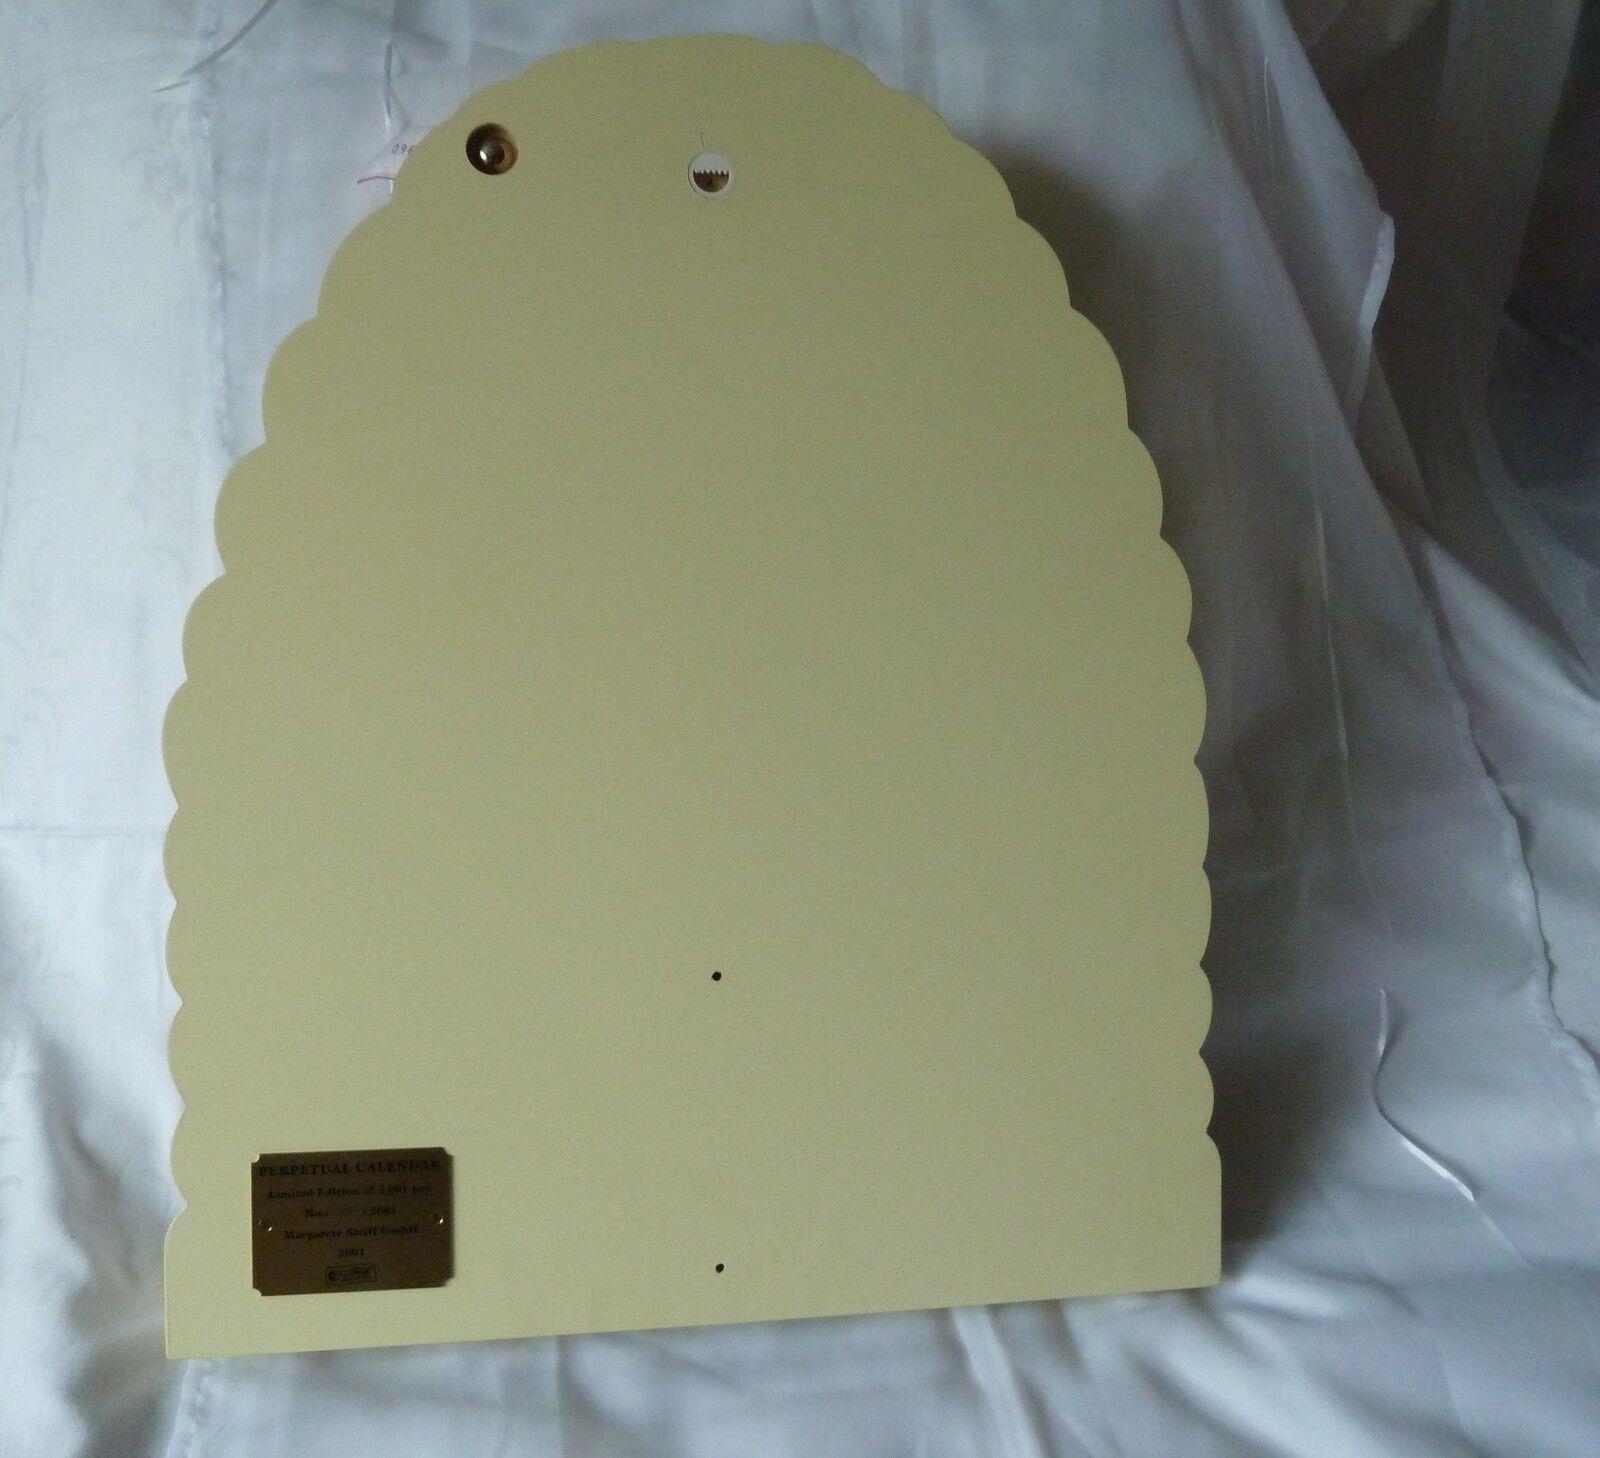 Steiff Ewiger Kalender Bienenkorb 027307 027307 027307 ohne Teddybären Holz limitierte Auflage df75b8